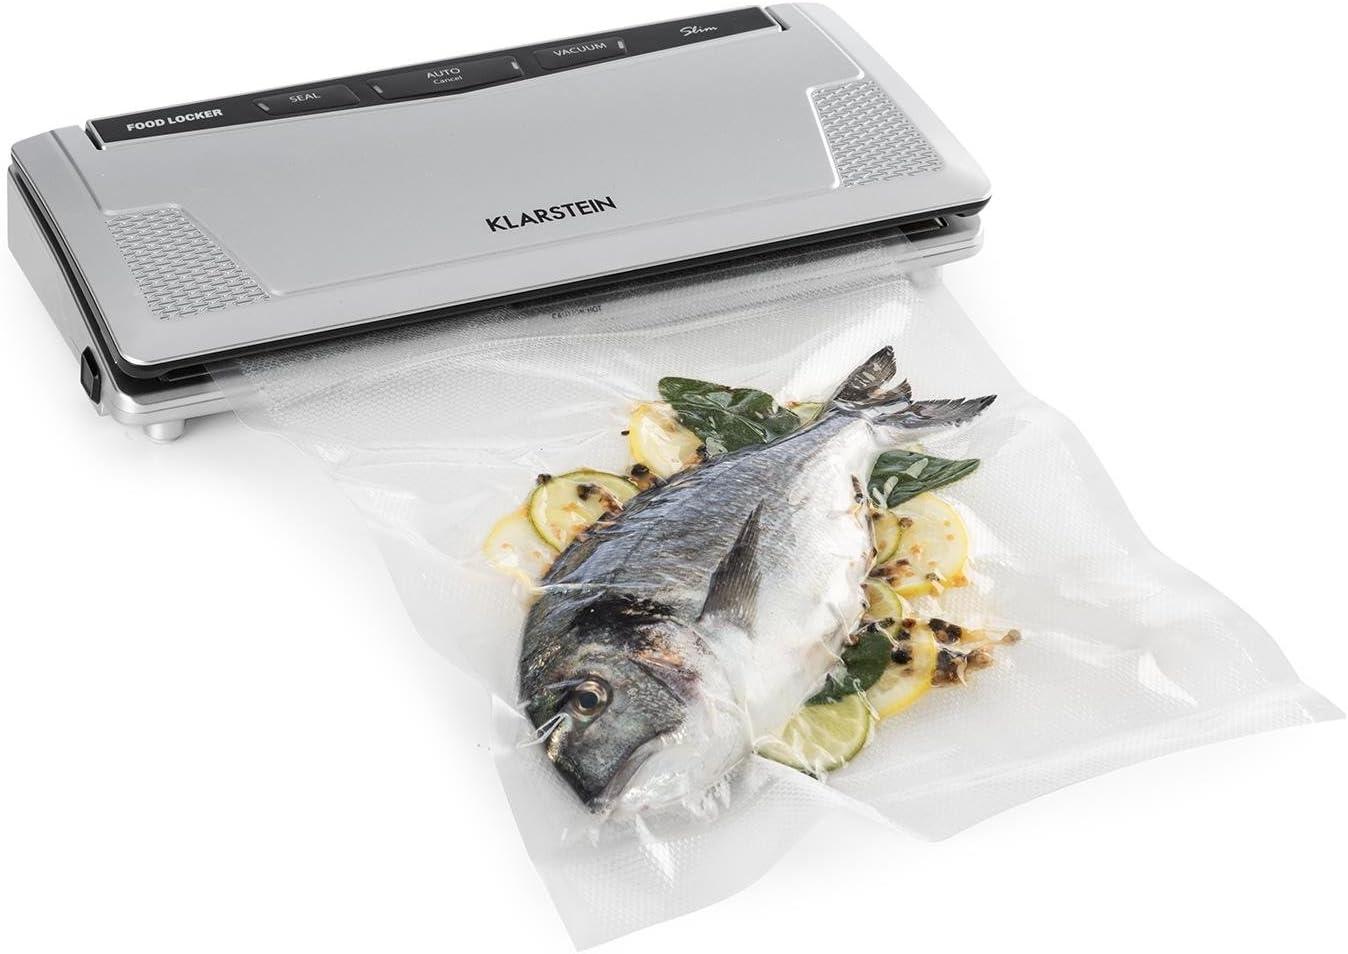 Klarstein FoodLocker Slim - Envasador al vacío, Máquina de vacío, 130 W, 9 L/min, Soldadura doble, Sous Vide, Automático, Control táctil, 10 x bolsas de vacío, Fácil limpieza, Plateado